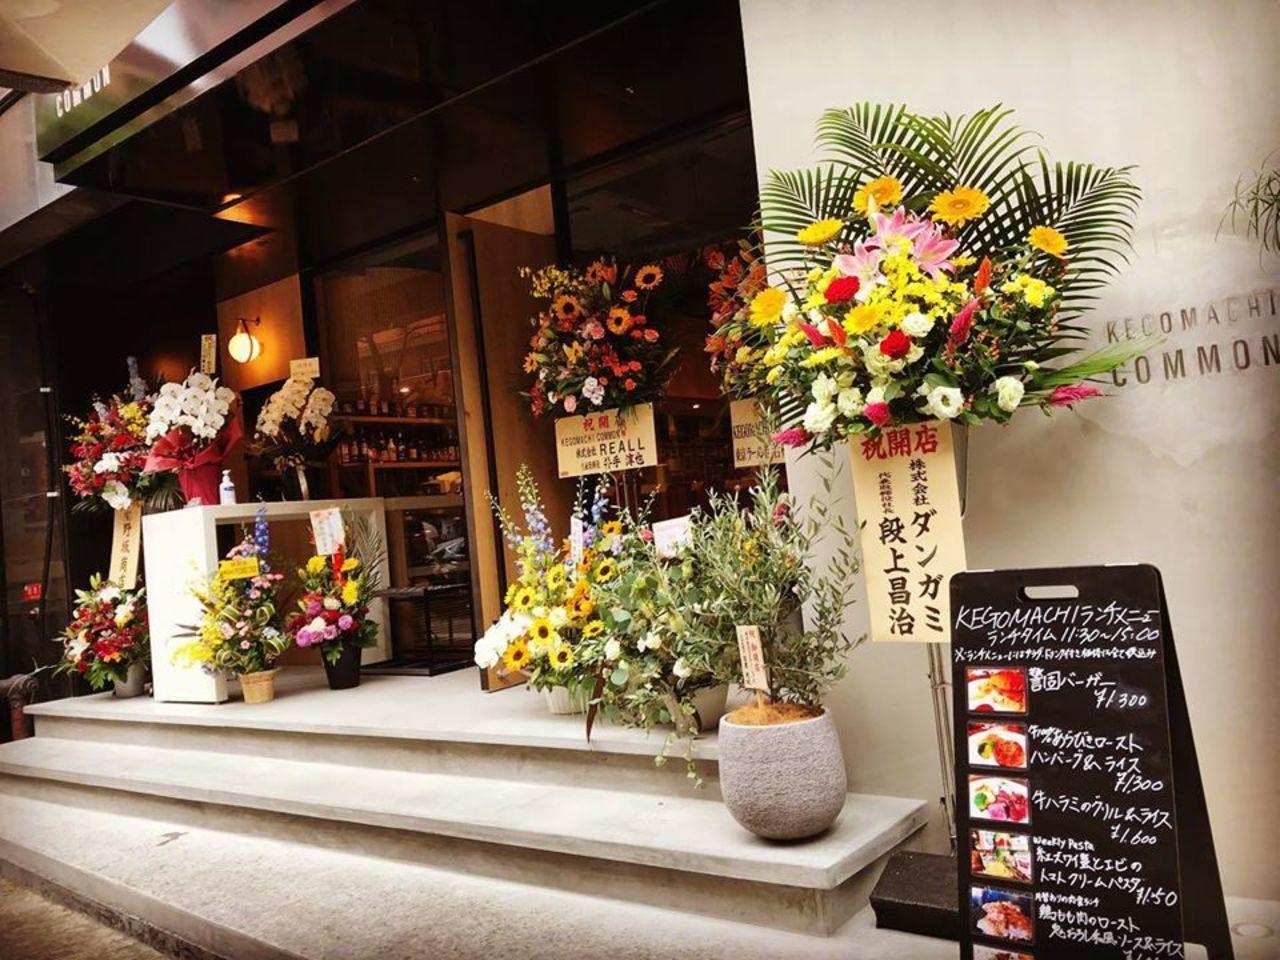 祝!7/3open『ケゴマチコモン』ワイン&ダイニング(福岡市中央区)